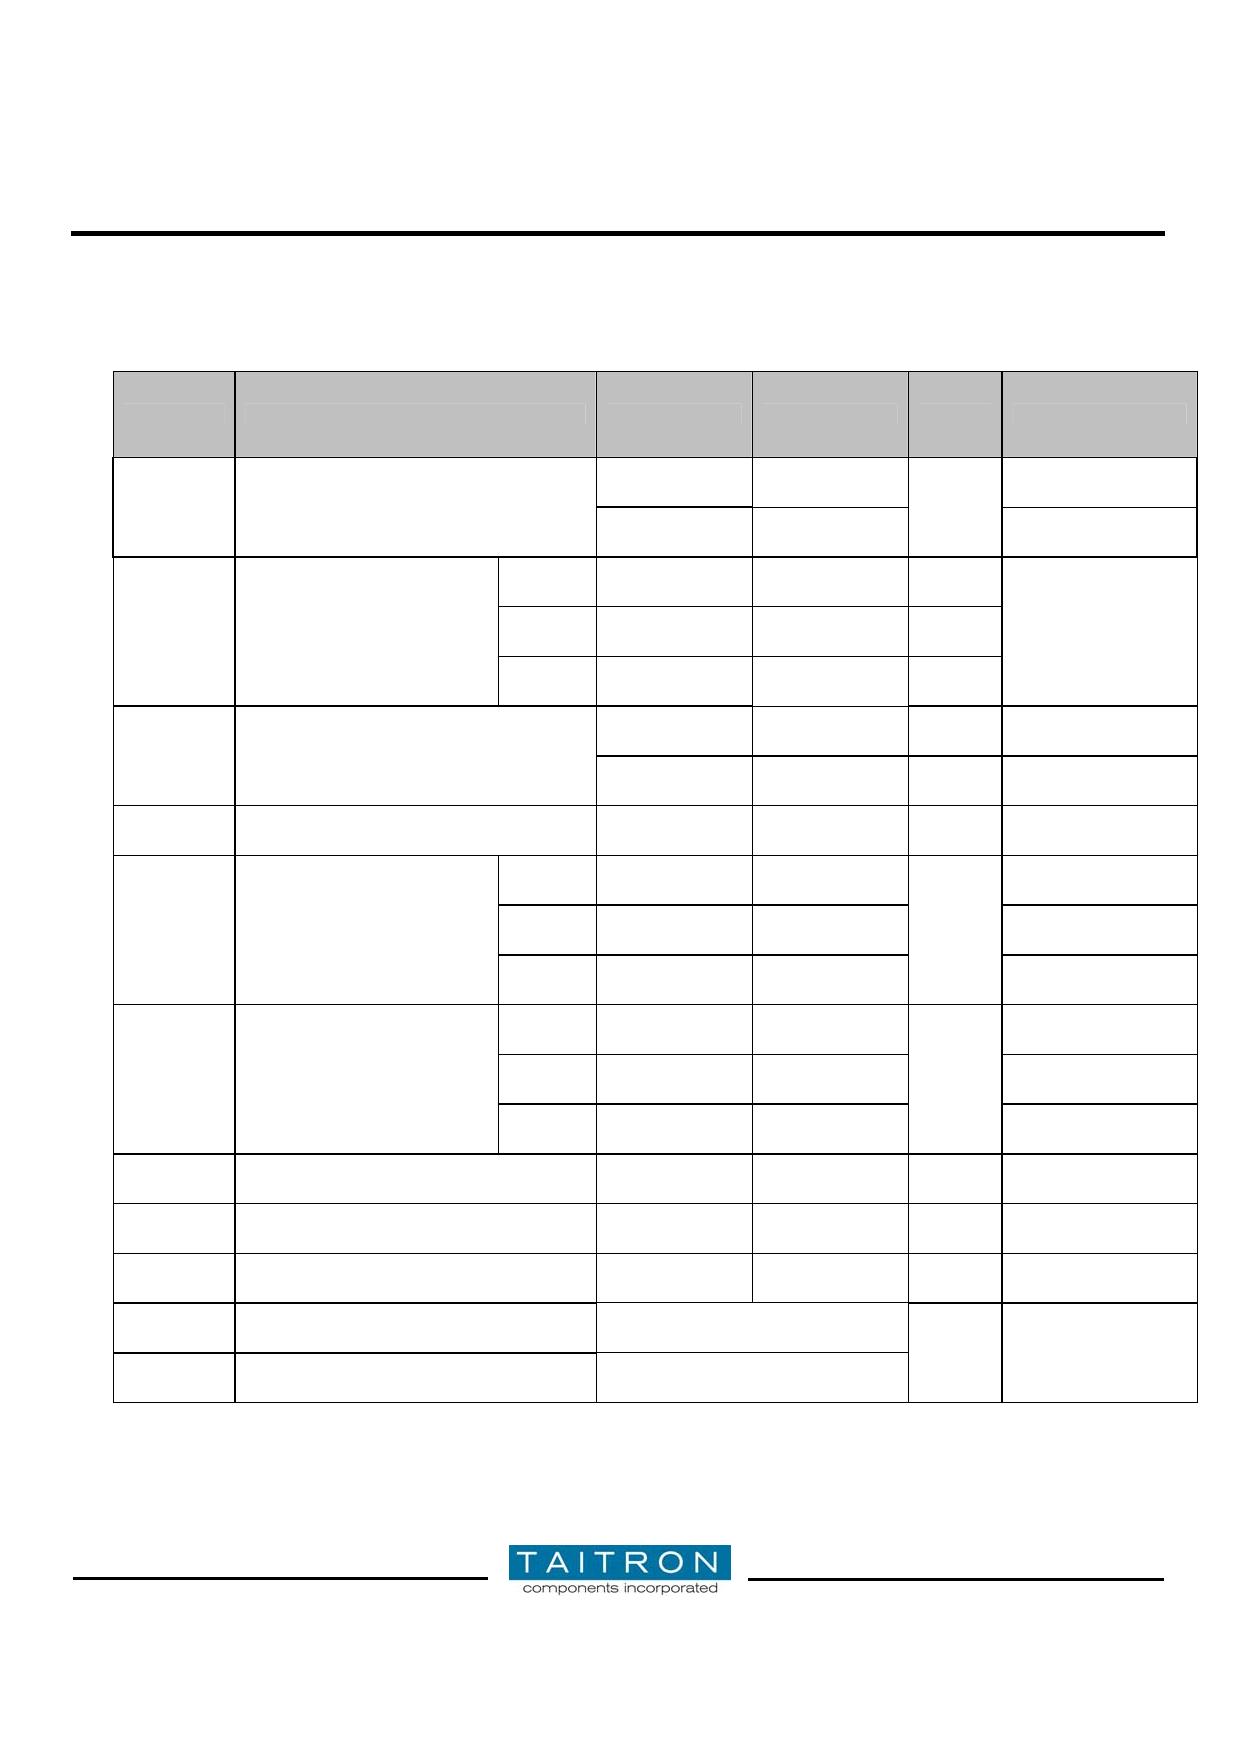 TIP127 pdf schematic